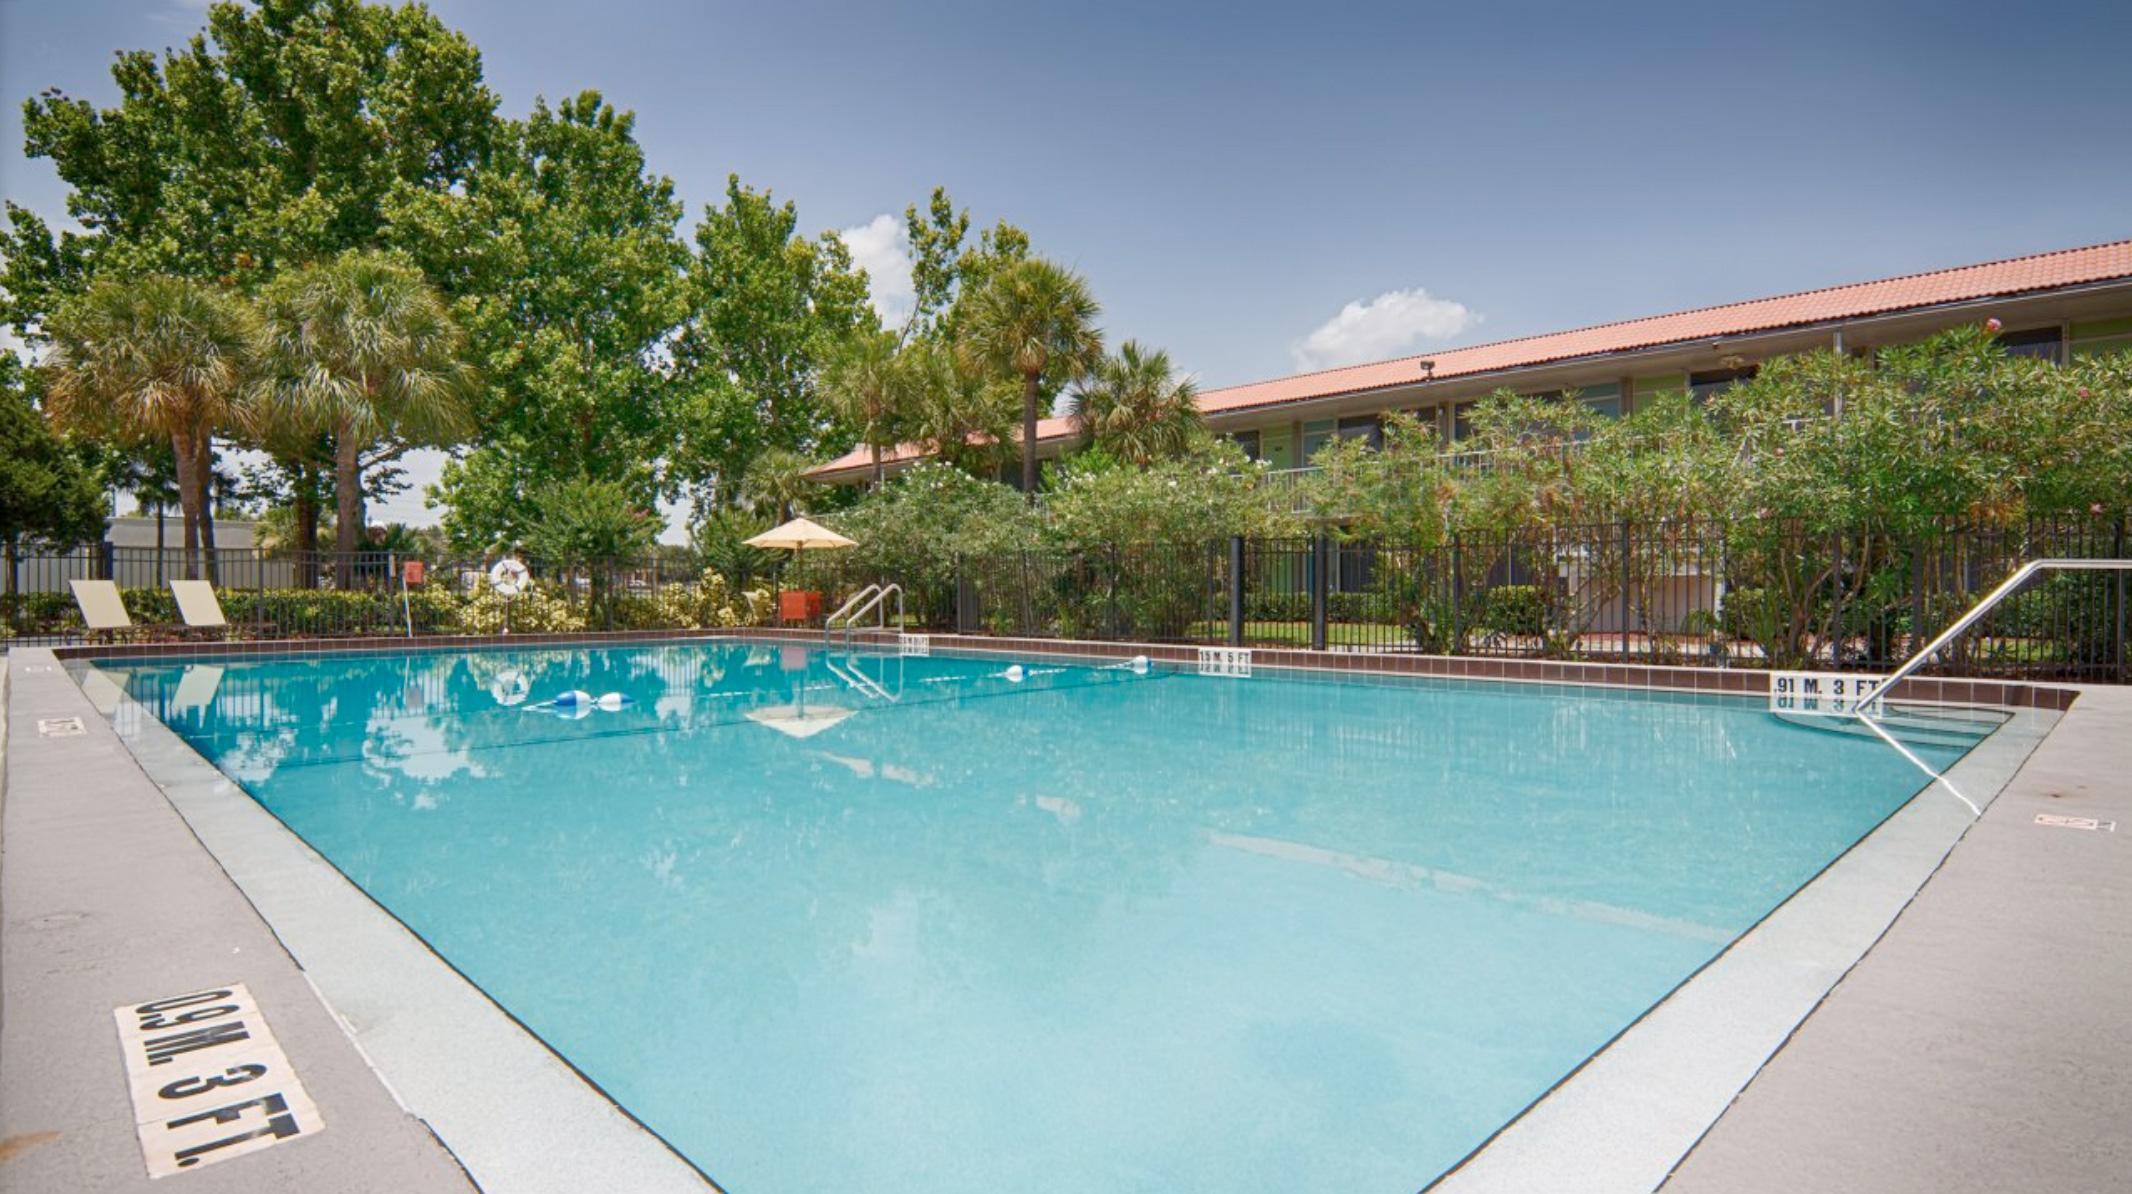 lepszy wielka wyprzedaż kody promocyjne Champions World Resort – Best Vacations Ever